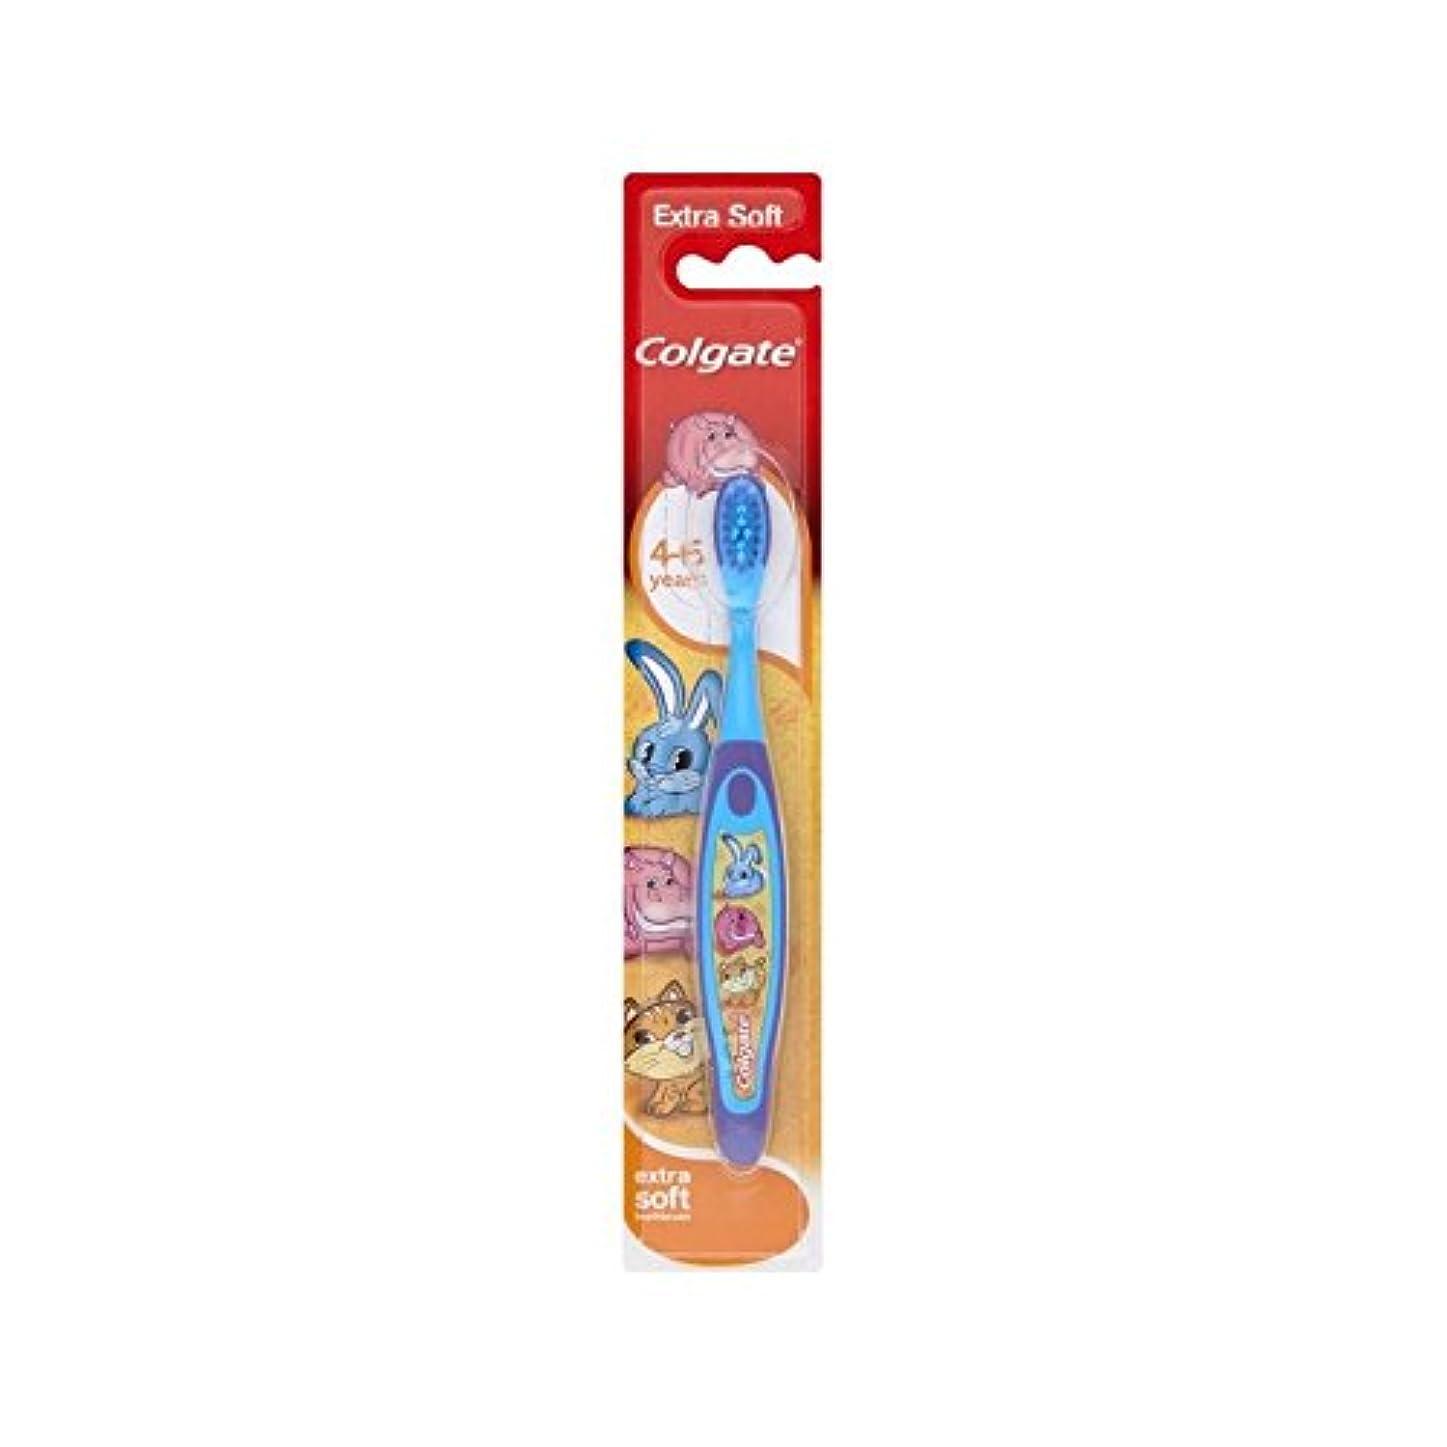 定説新しさ読み書きのできない4-6歳の歯ブラシを笑顔 (Colgate) - Colgate Smiles 4-6 Years Old Toothbrush [並行輸入品]